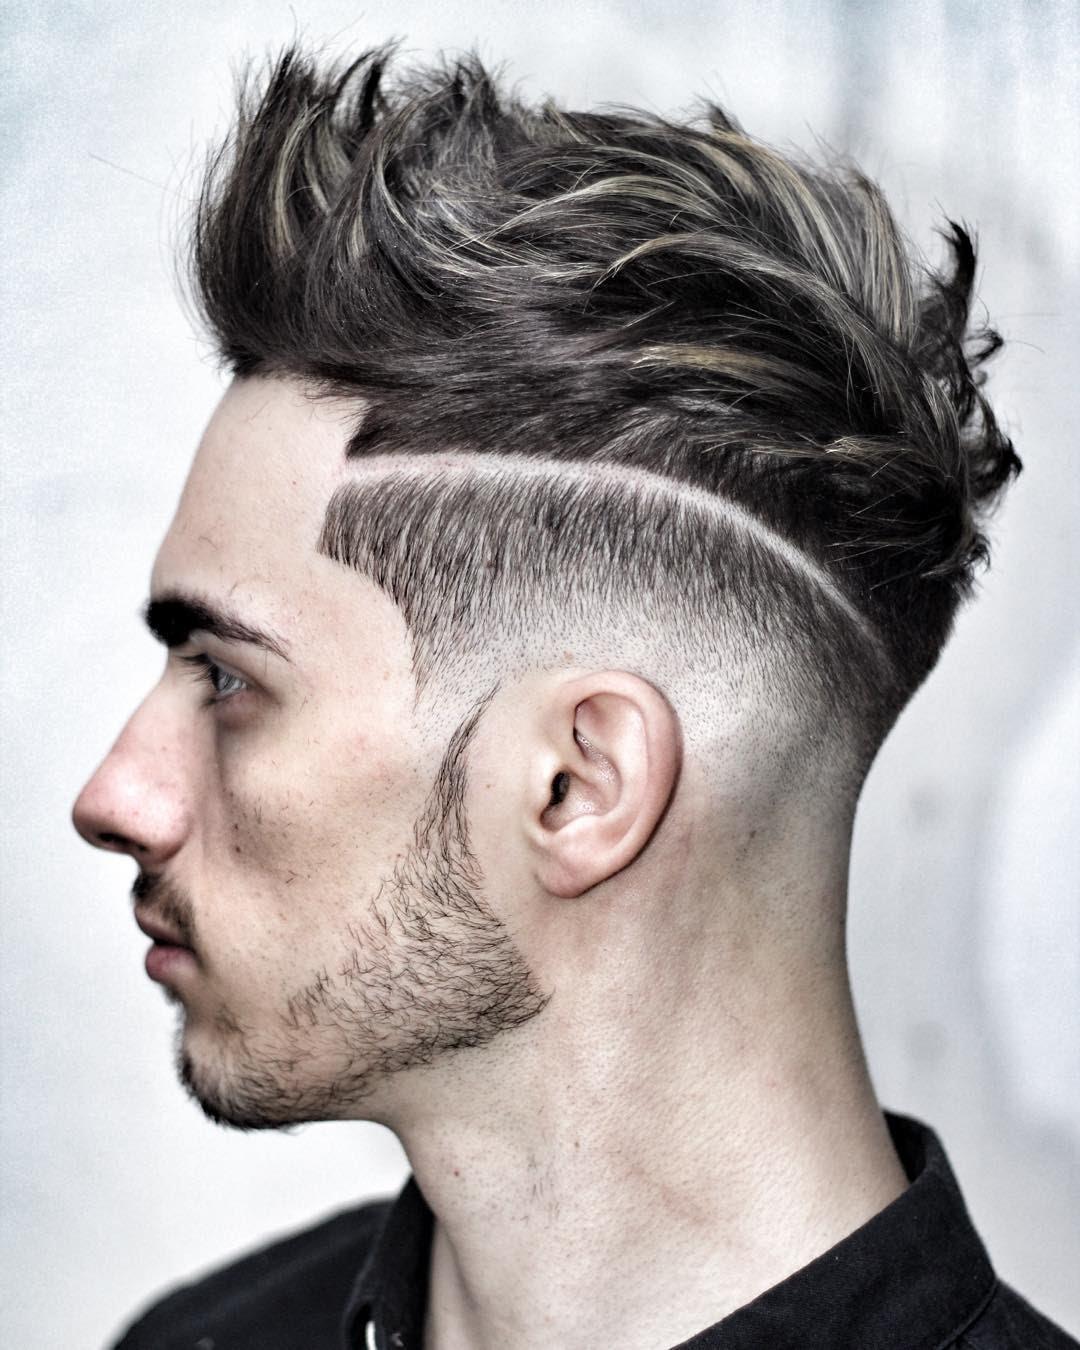 بالصور اجمل تسريحات الشعر , اجمل واحدث تسريحات الشعر 4375 5